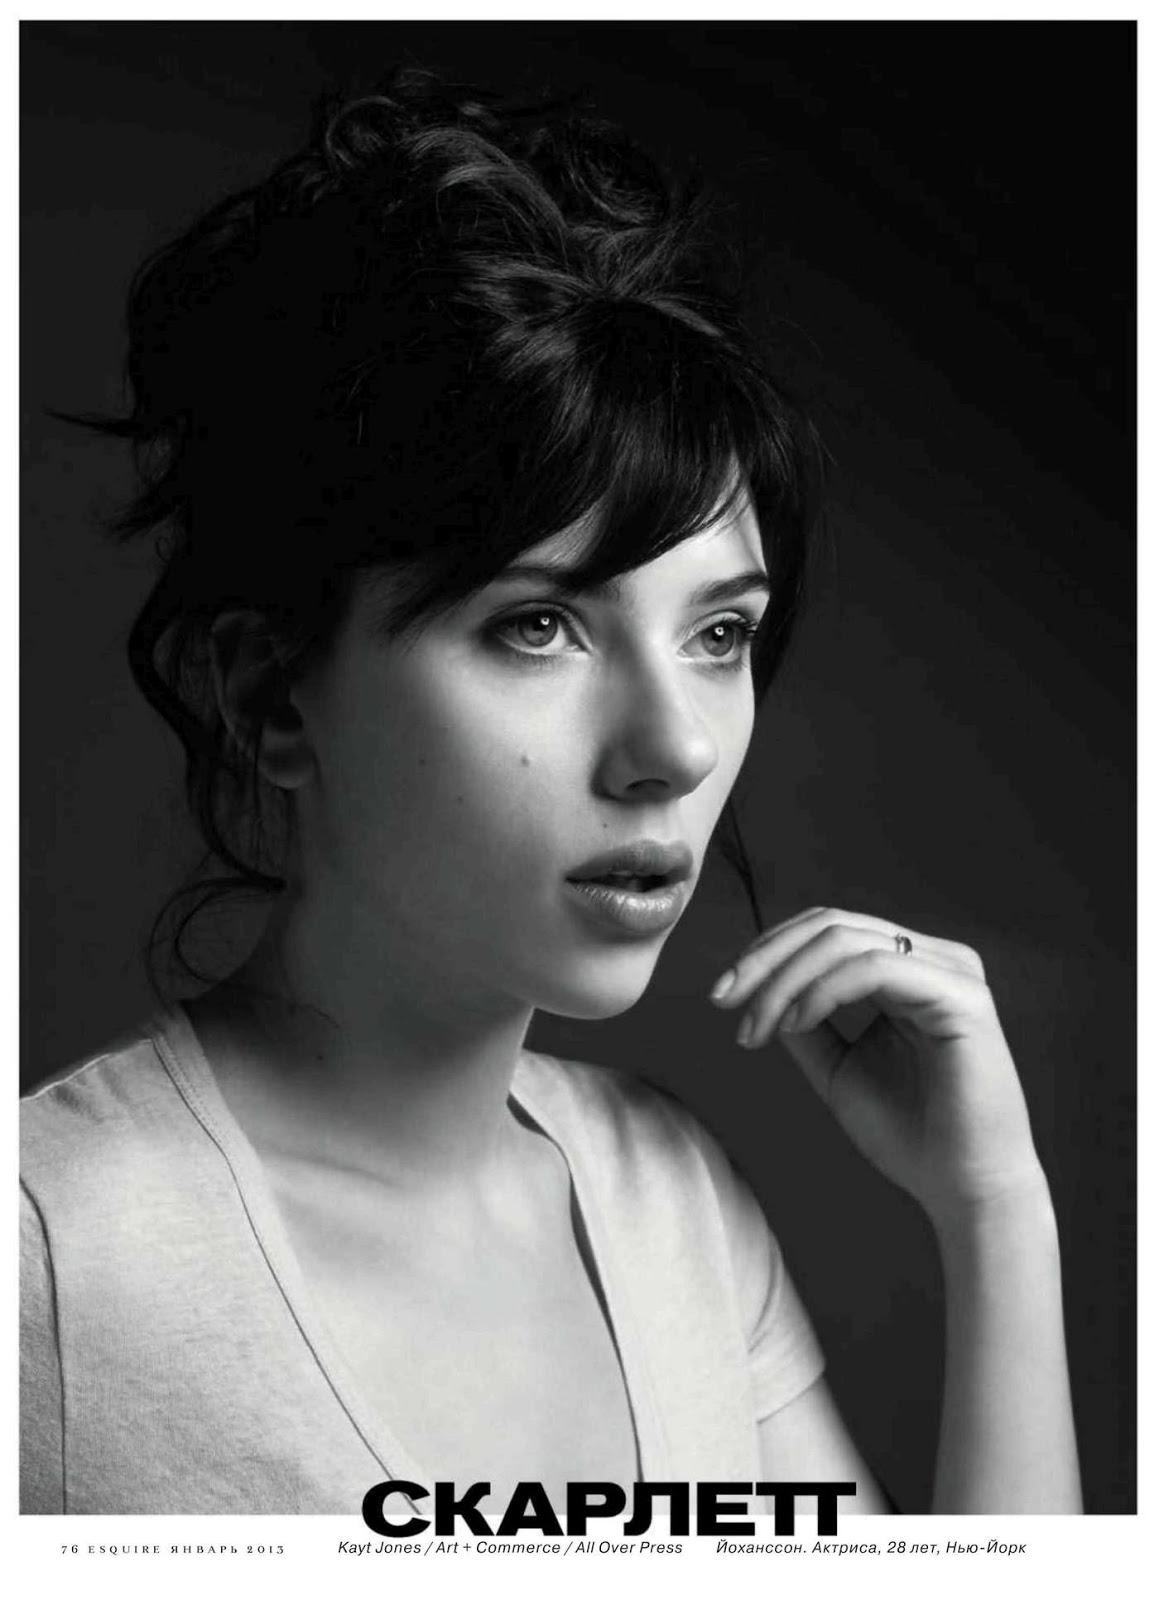 http://4.bp.blogspot.com/-PIKHAexOBHM/UOkvLO6ho9I/AAAAAAAADvk/rvuiOUoNd9s/s1600/Scarlett+Johansson+%E2%80%93+Esquire+Russia+Magazine+(January+2013)+by+justfunz.com+2.jpg